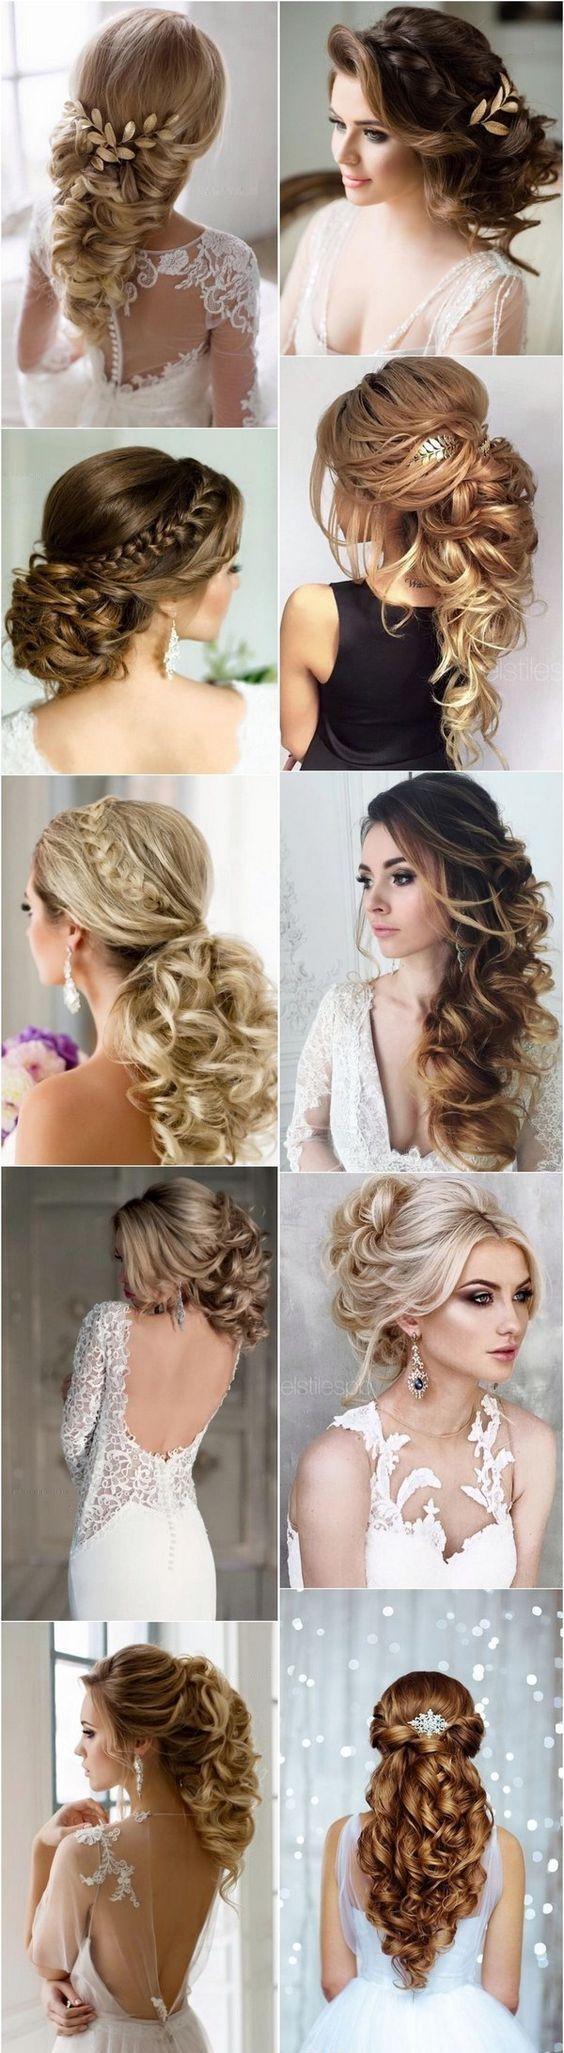 Ślubne fryzury, które uwielbiamy! http://www.ubieranki.eu/